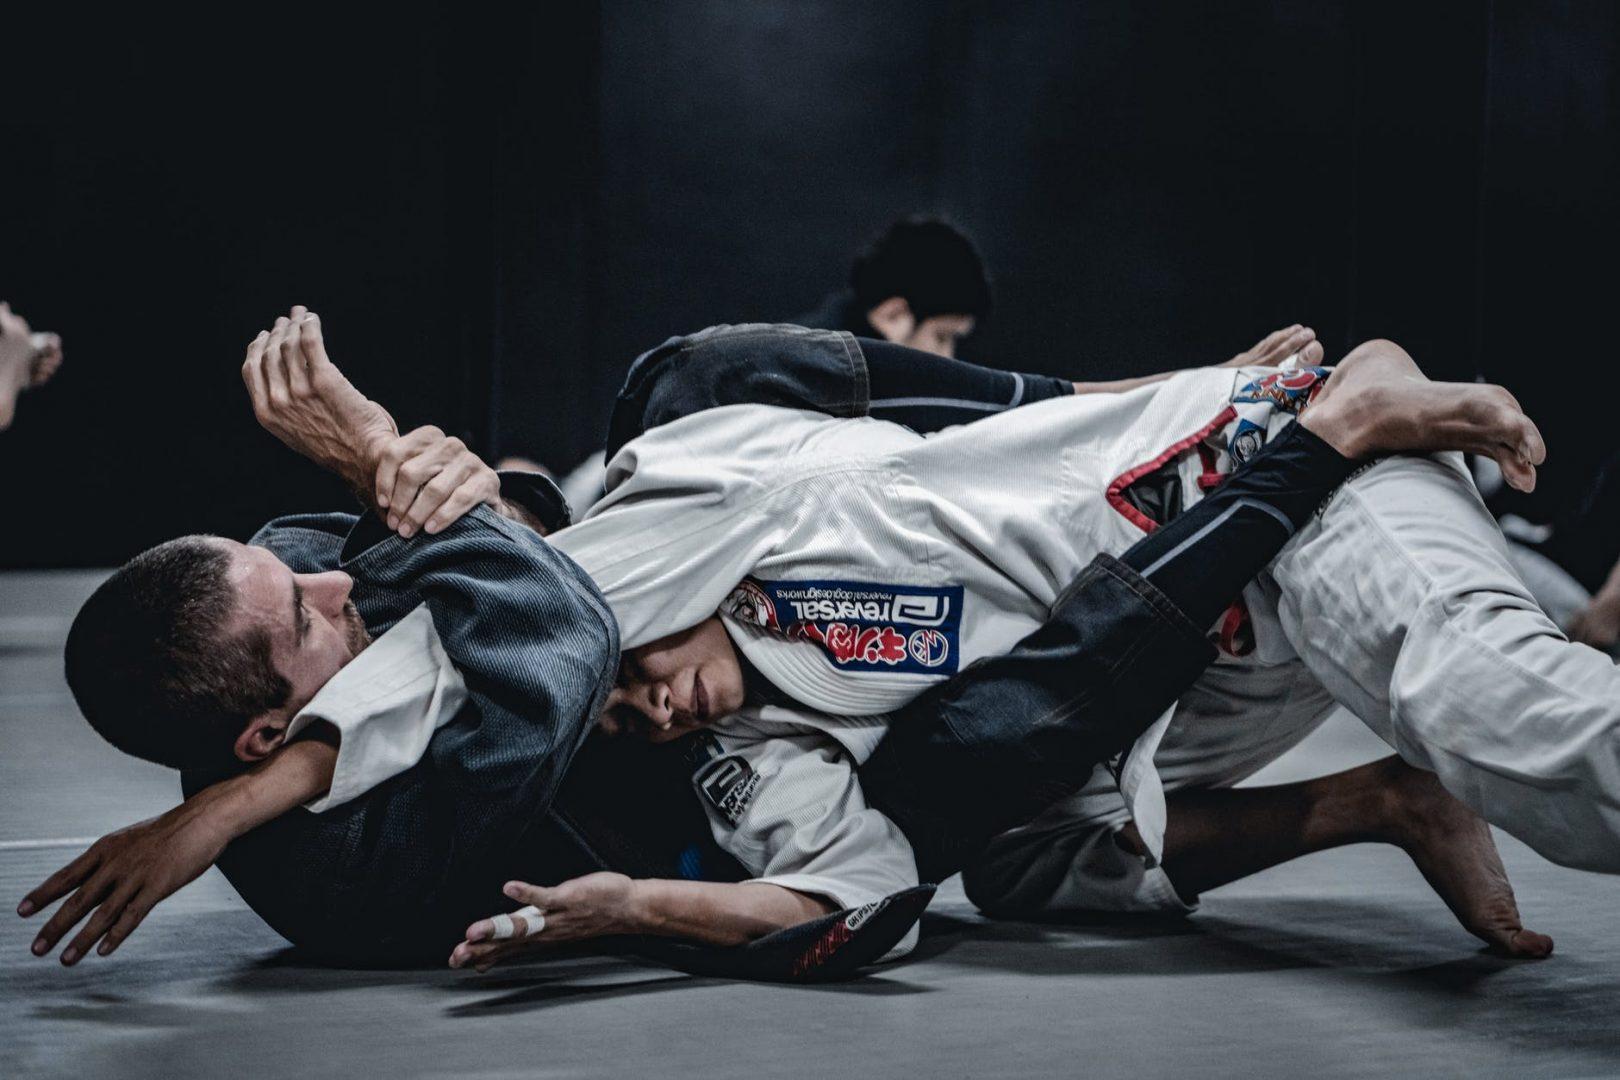 Artes marciais - Origem e história dos diferentes tipos de luta